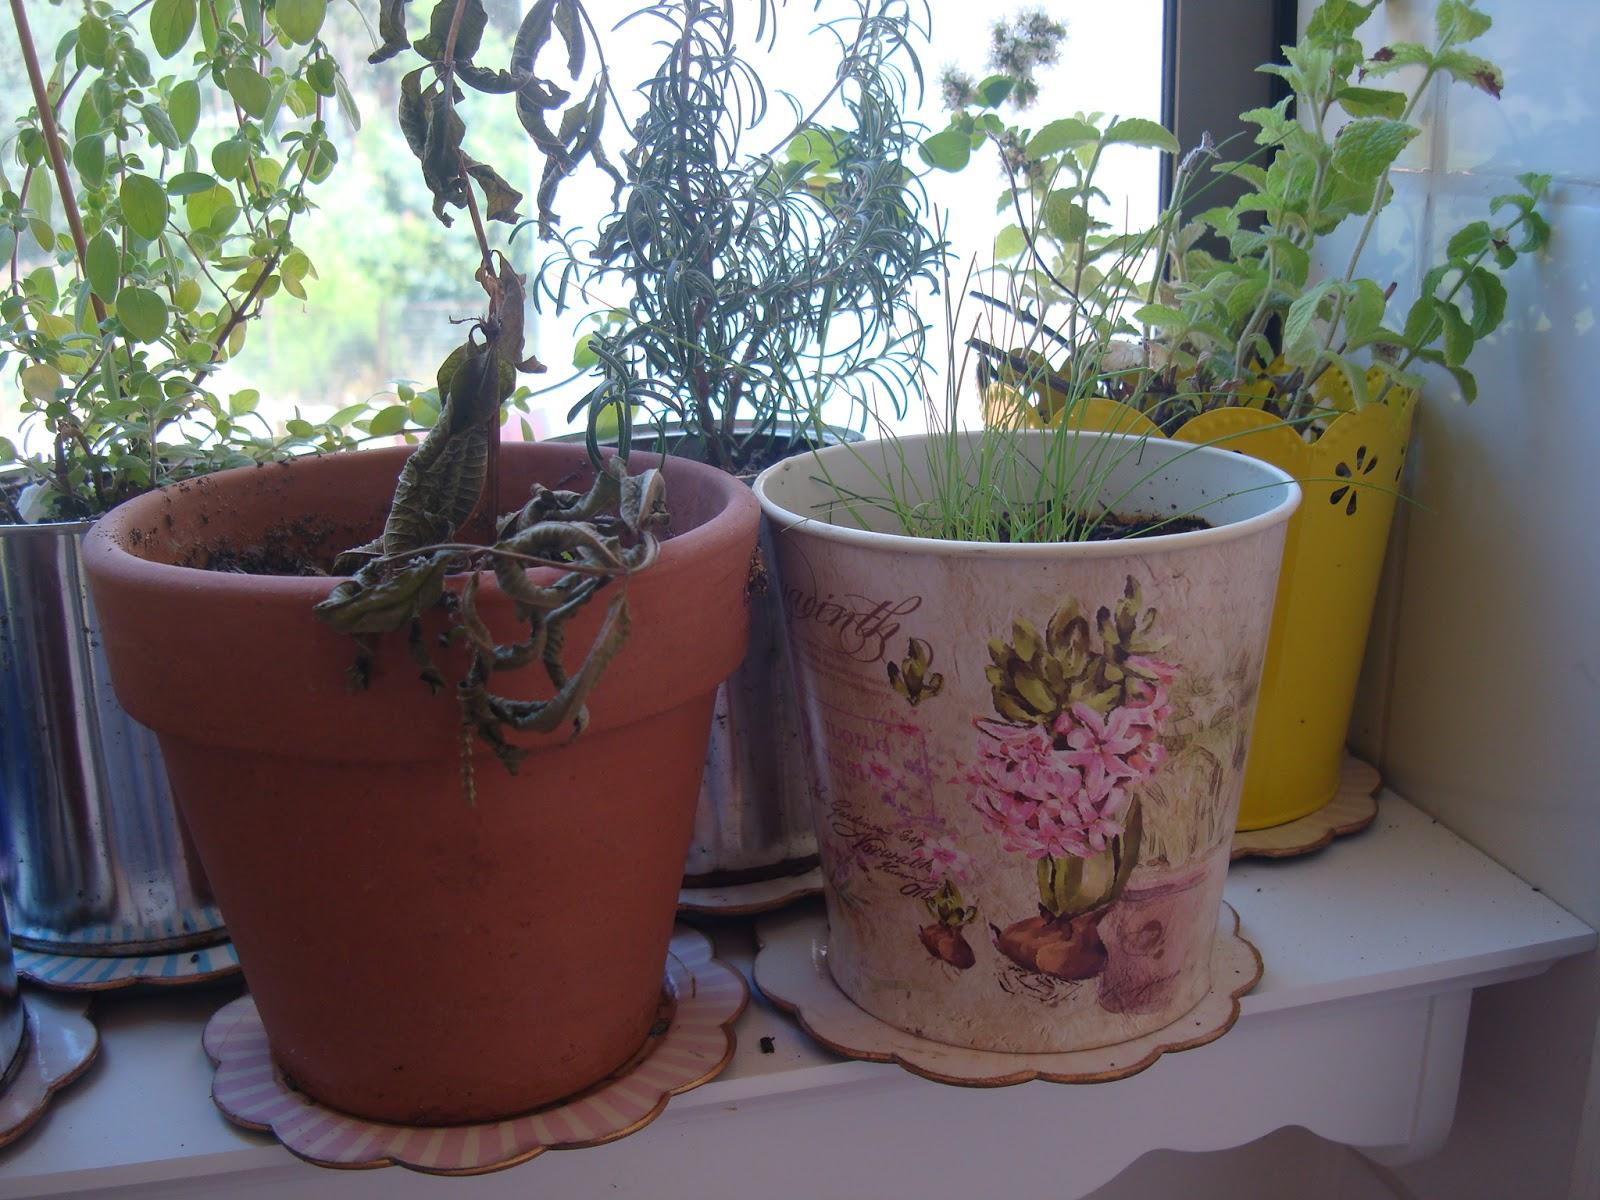 La casa de la laguna plantas arom ticas para la cocina for Macetas para cocina